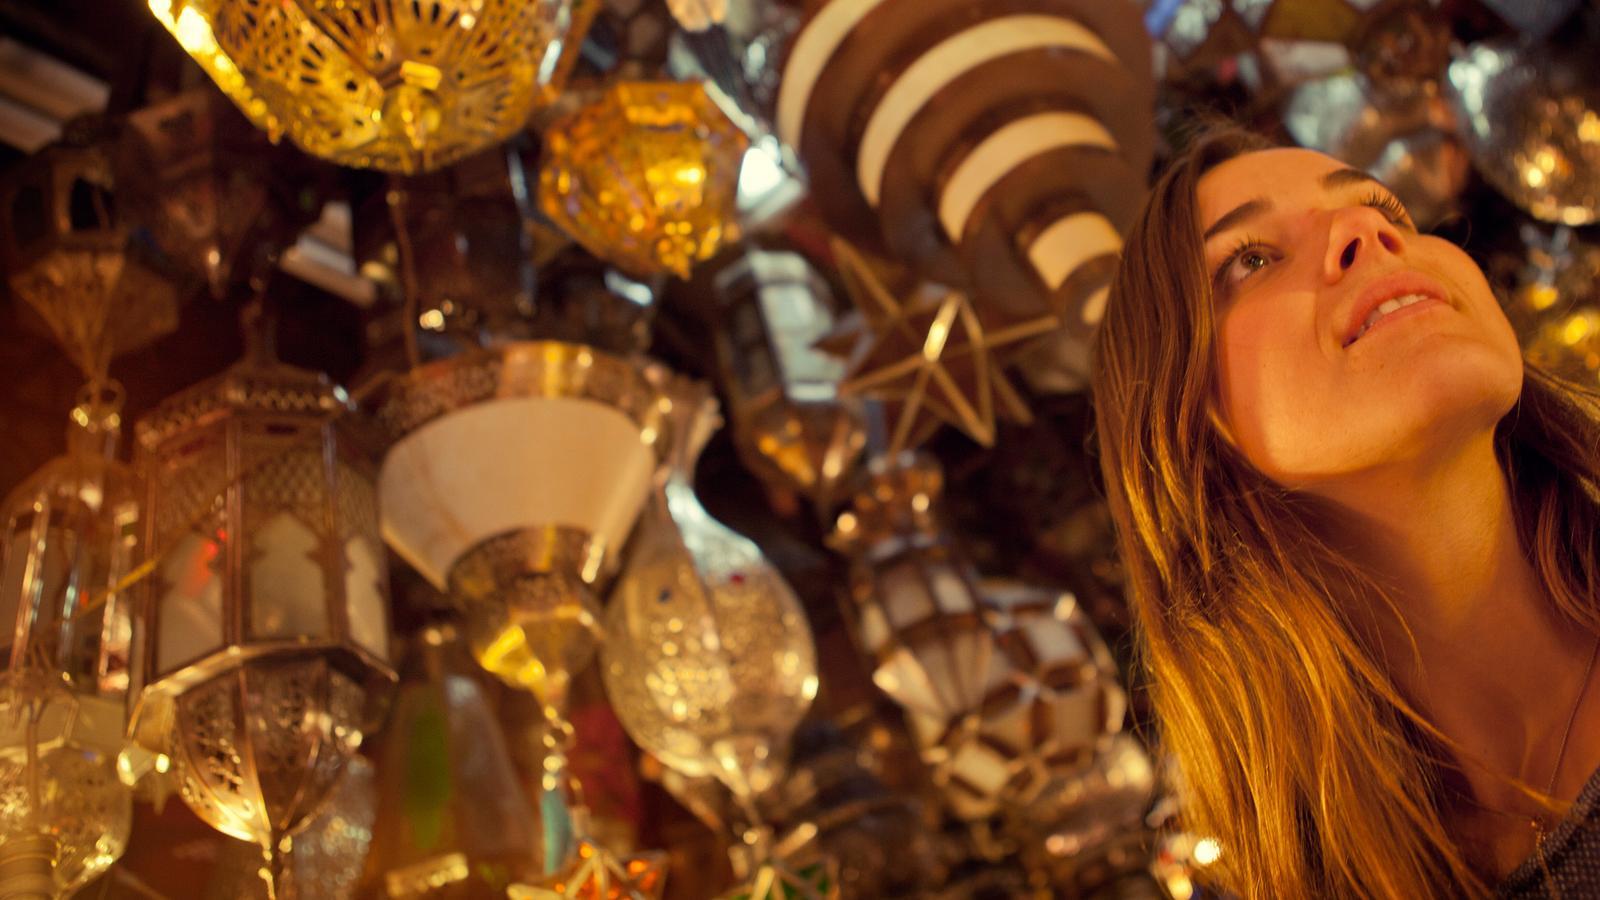 Nord Marokko Reisen für junge Leute in der Gruppe preiswert reisen traveljunkies